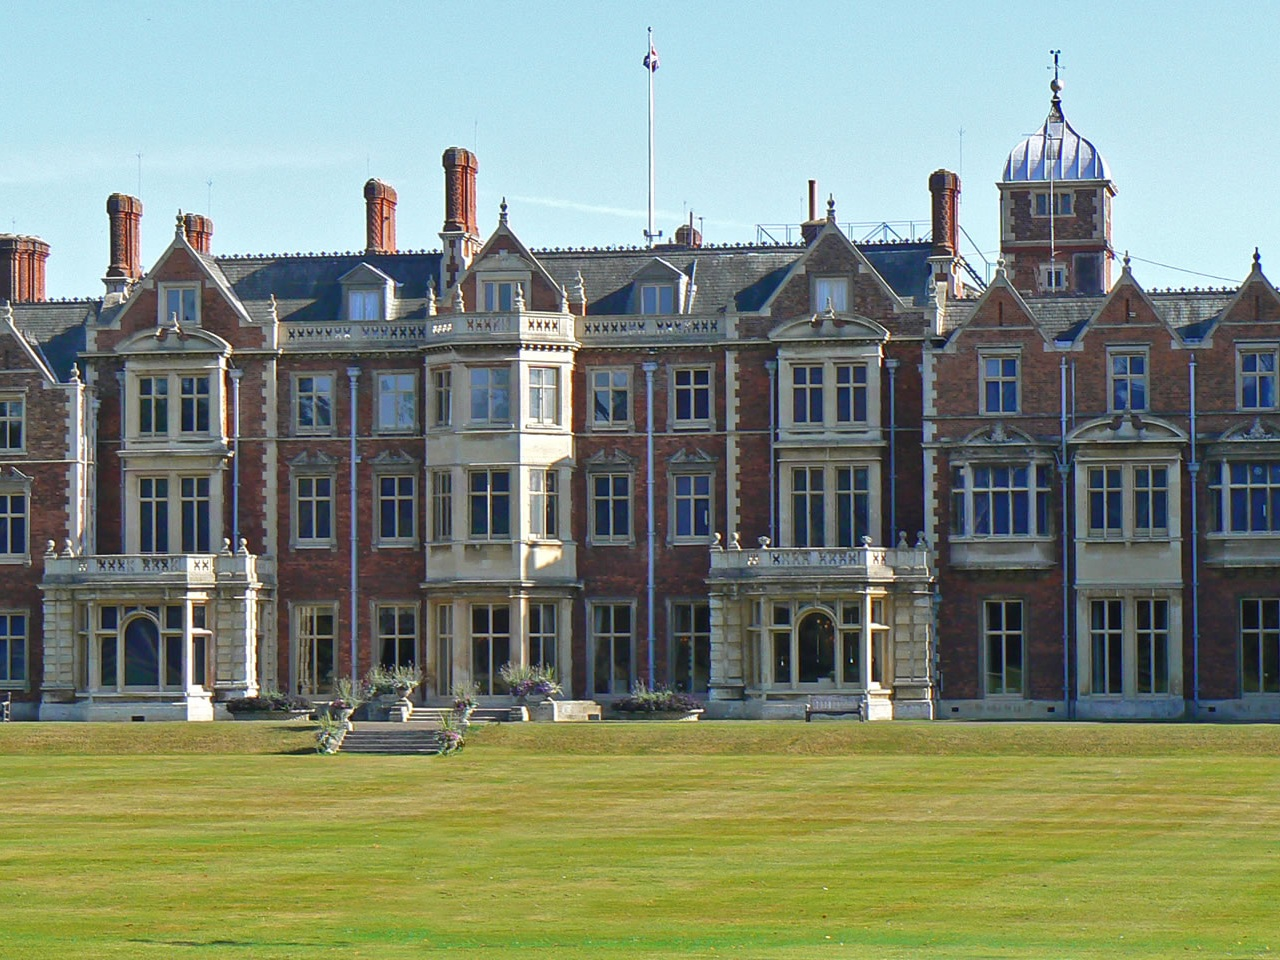 Sandringham House  (30 Miles)